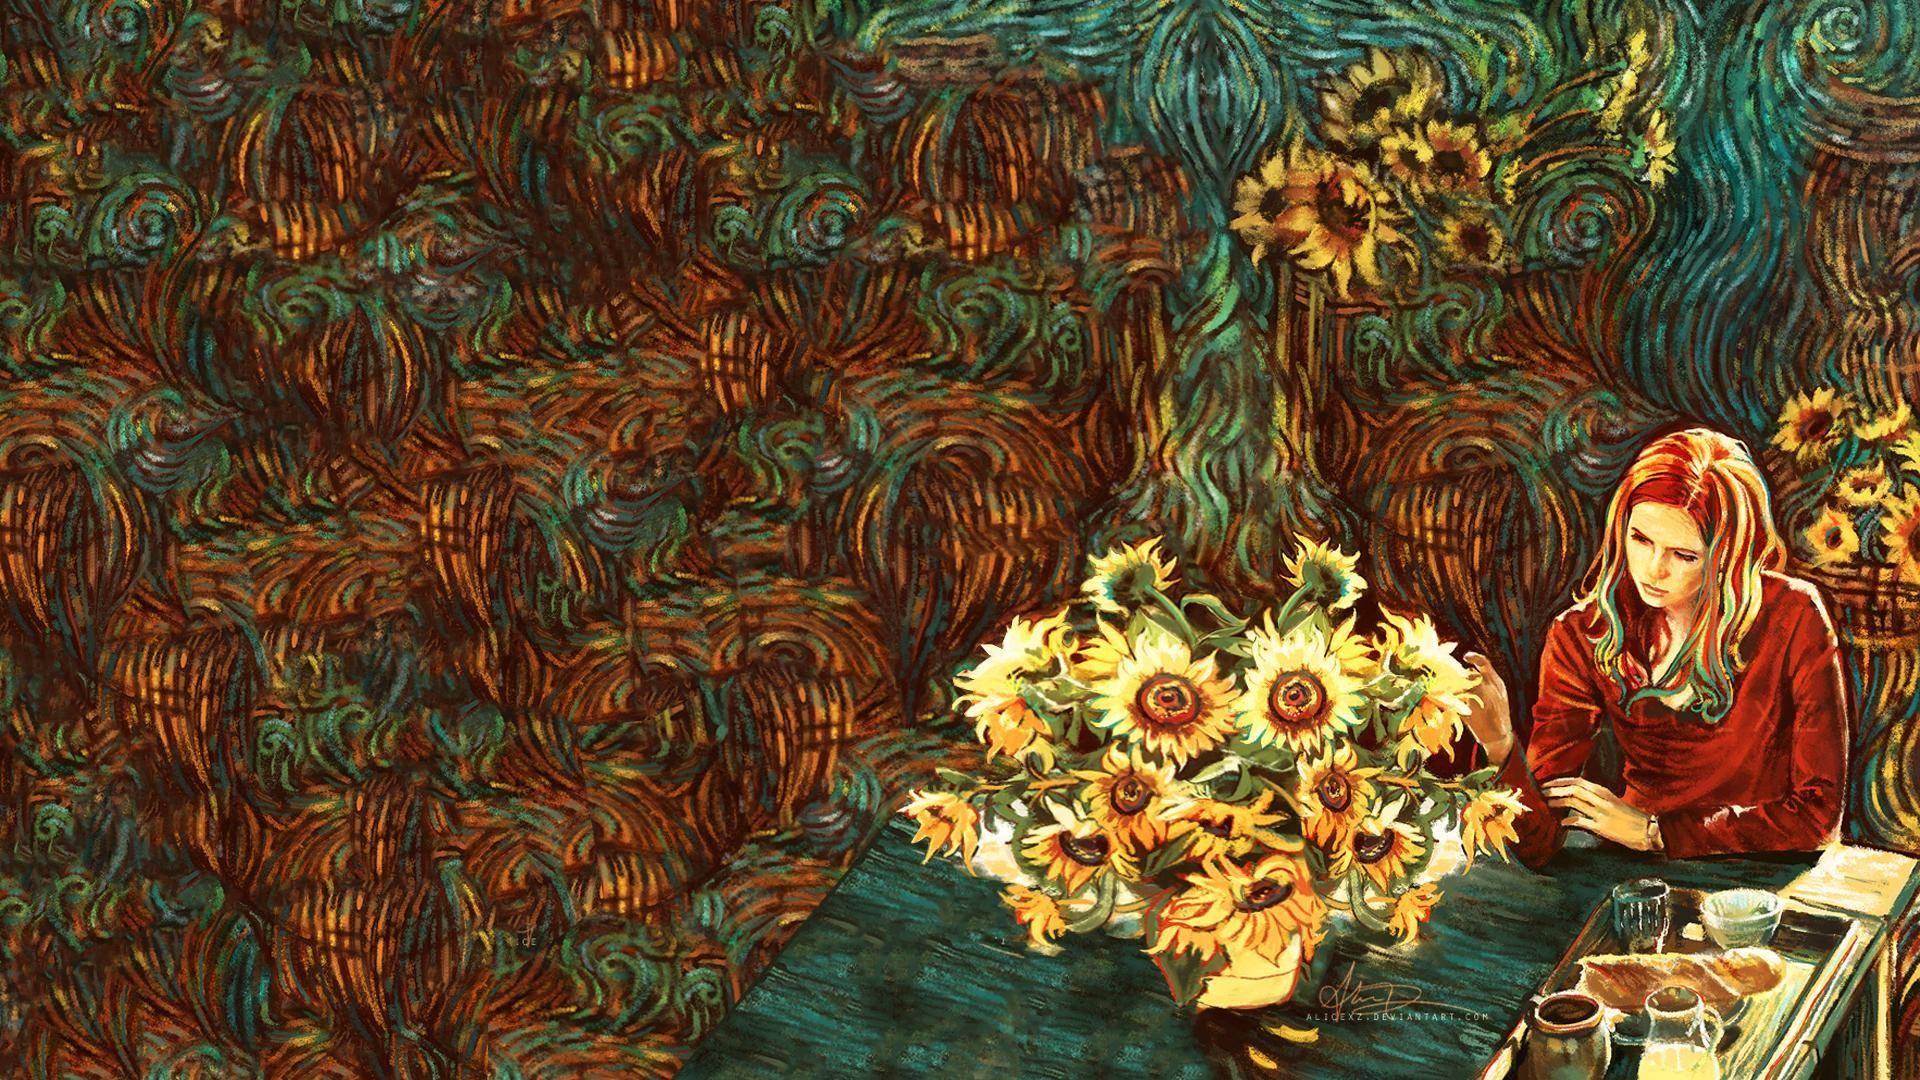 Tardis Van Gogh Wallpaper - WallpaperSafari